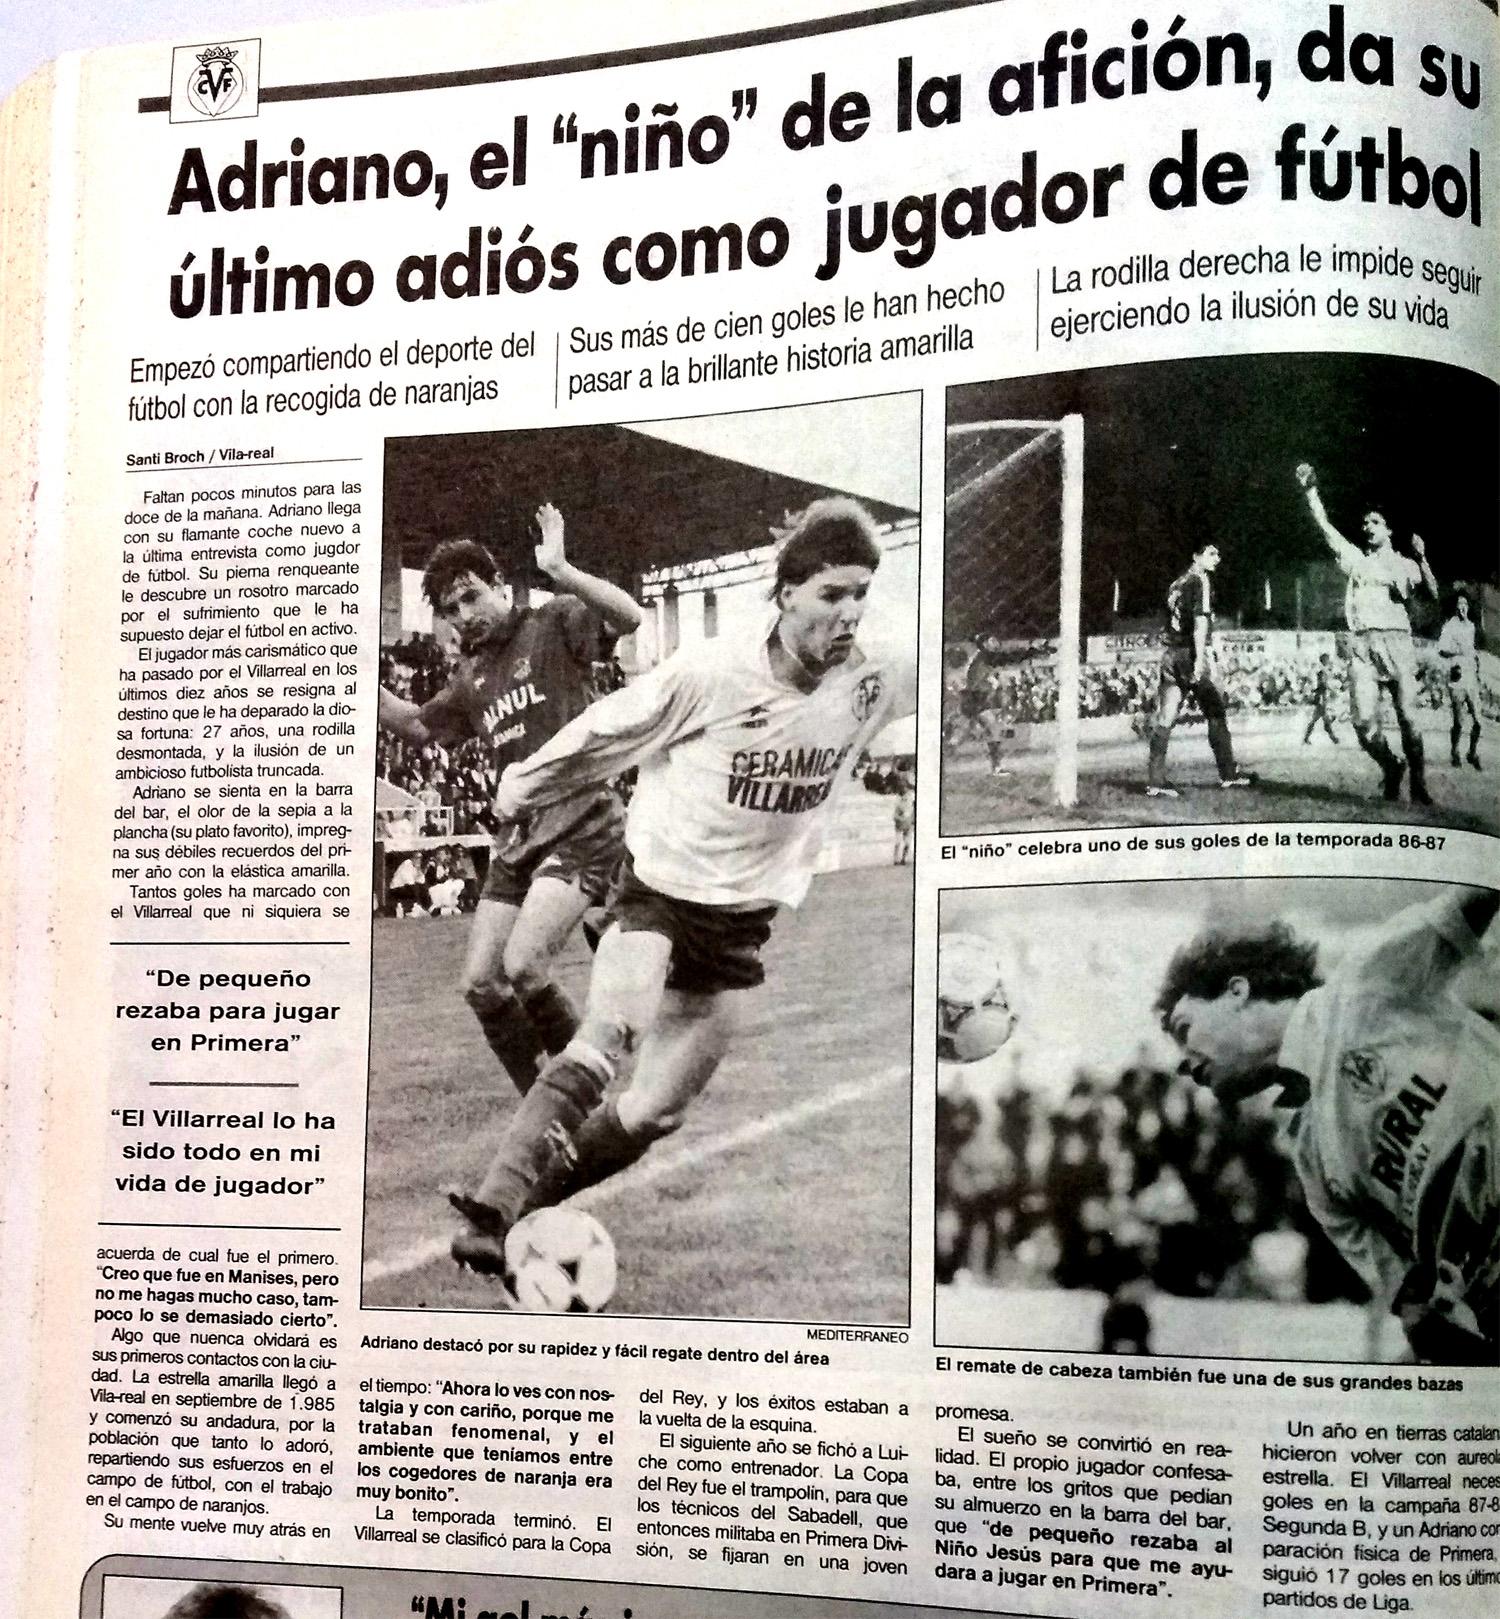 Adriano anuncia su retirada. El Villarreal un 13 de julio